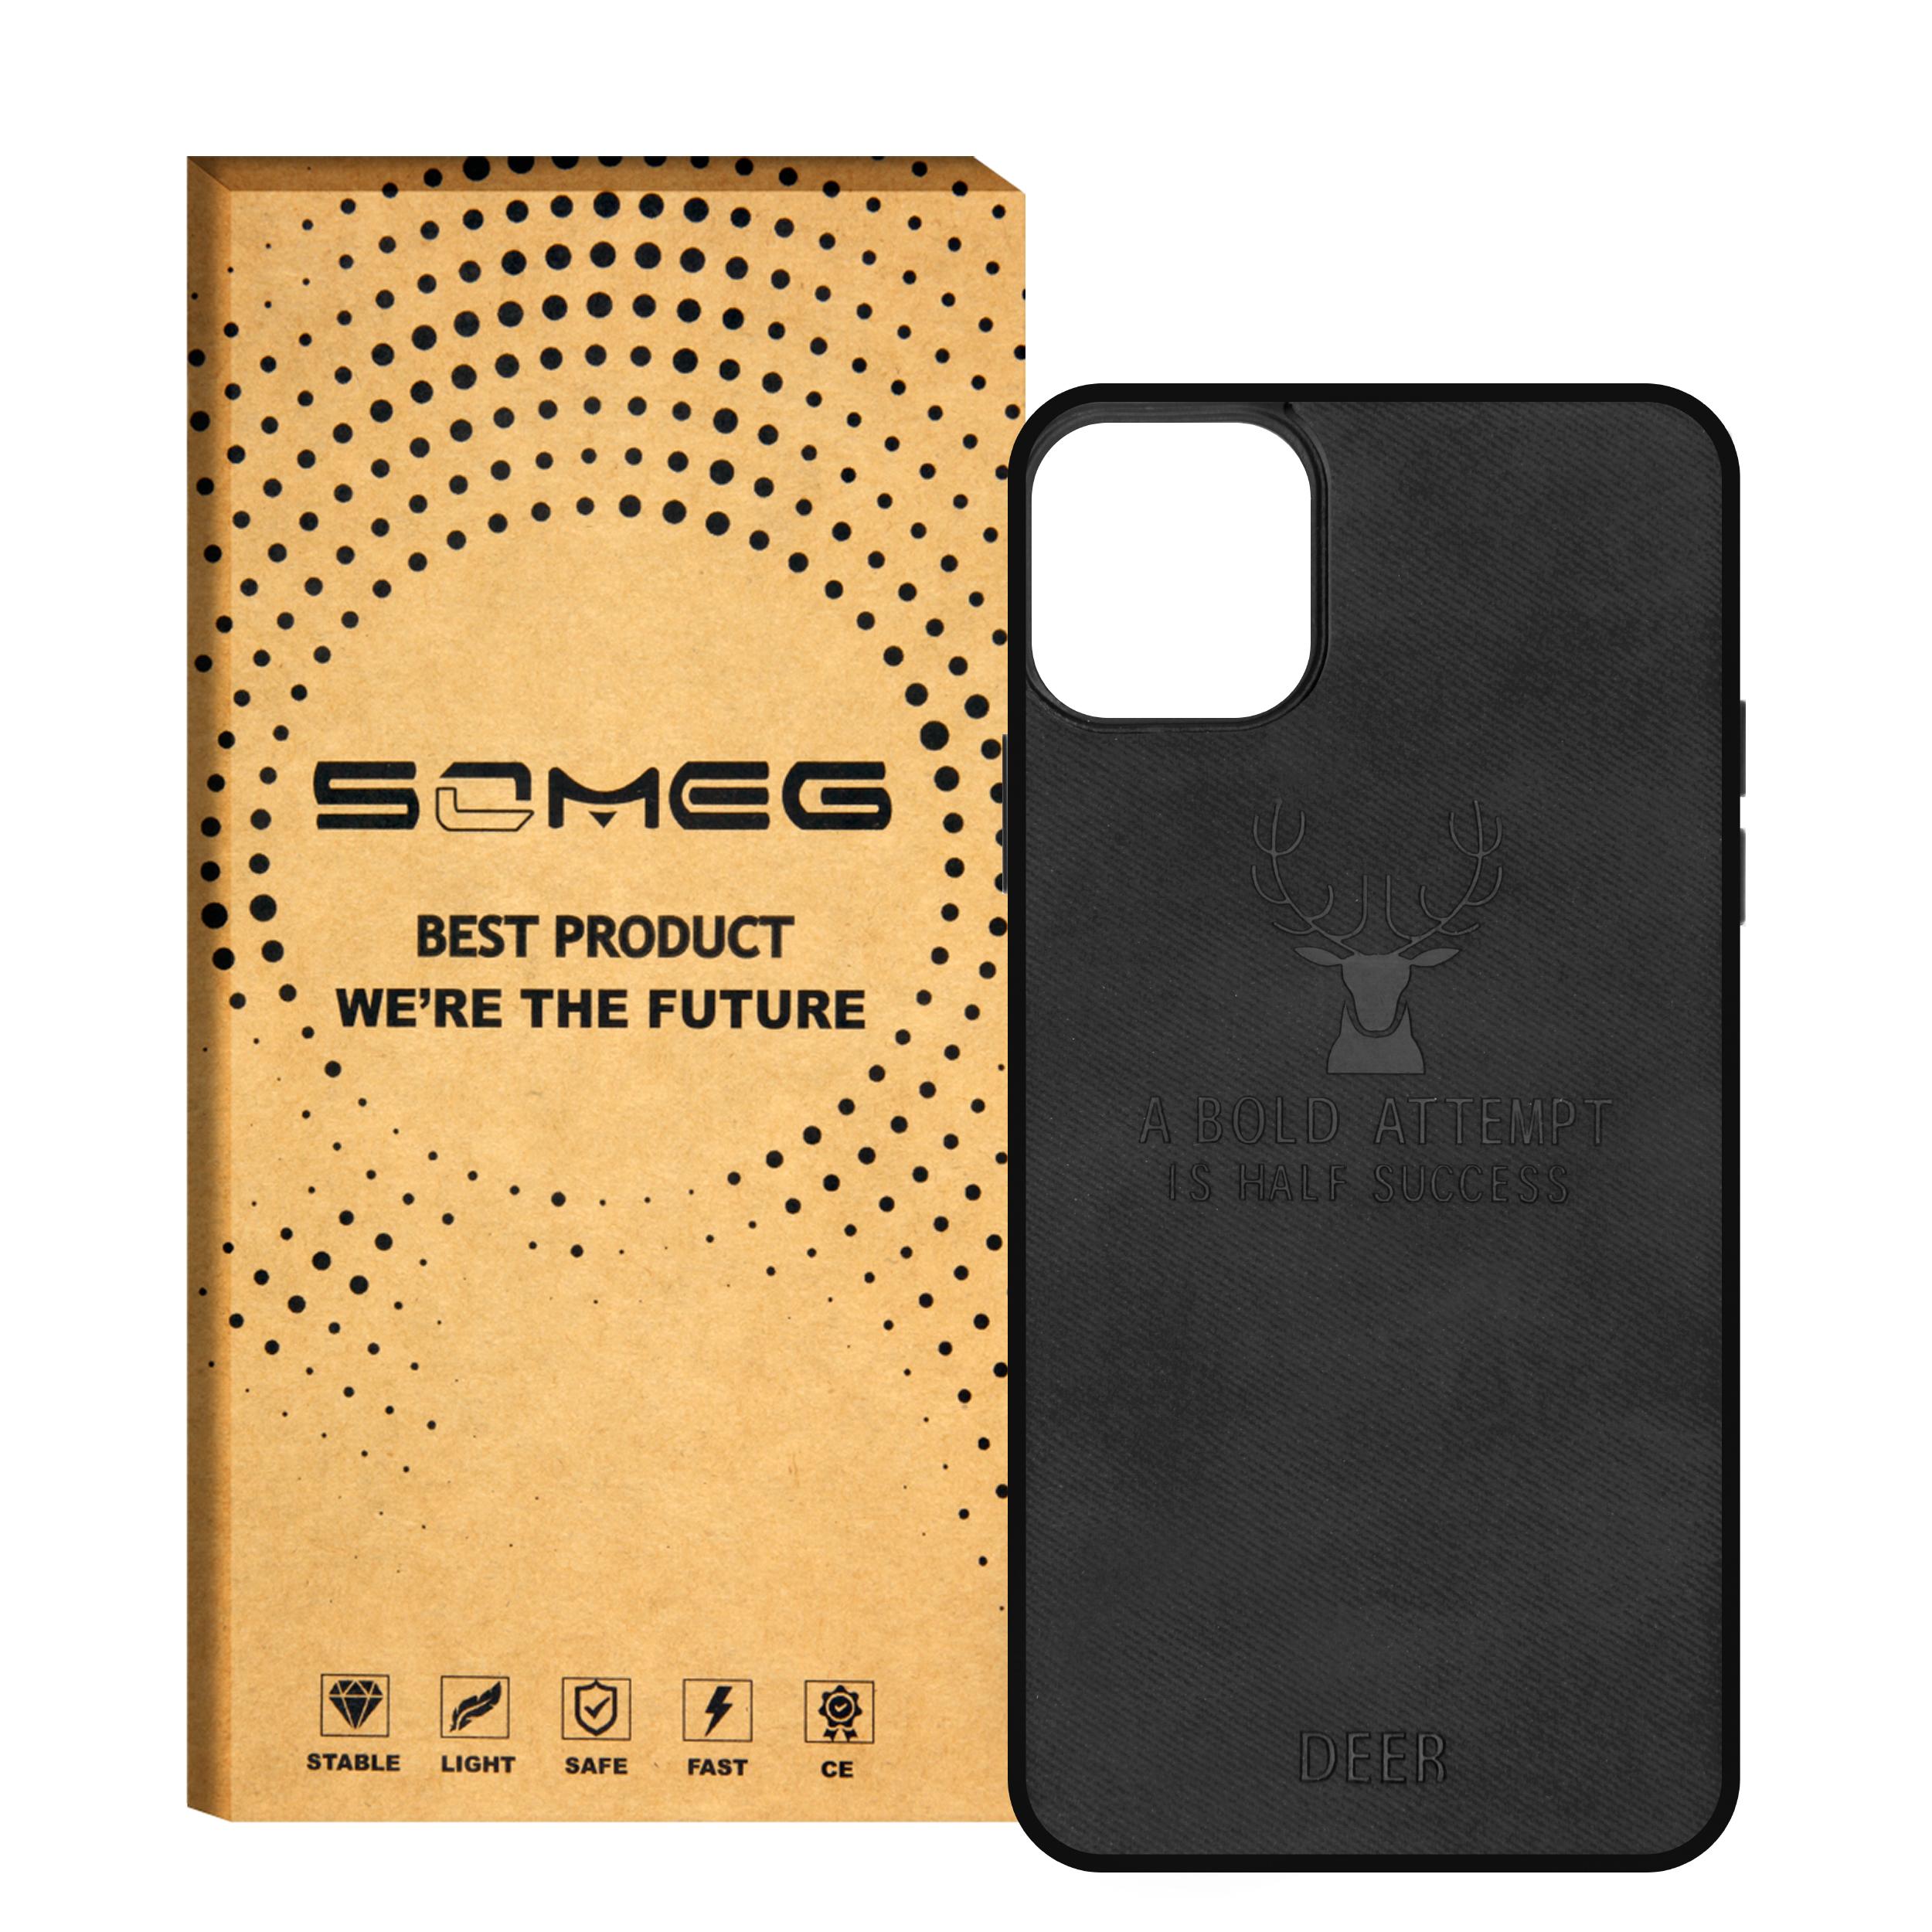 کاور سومگ مدل SMG-Der02 مناسب برای گوشی موبایل اپل iphone 11               ( قیمت و خرید)